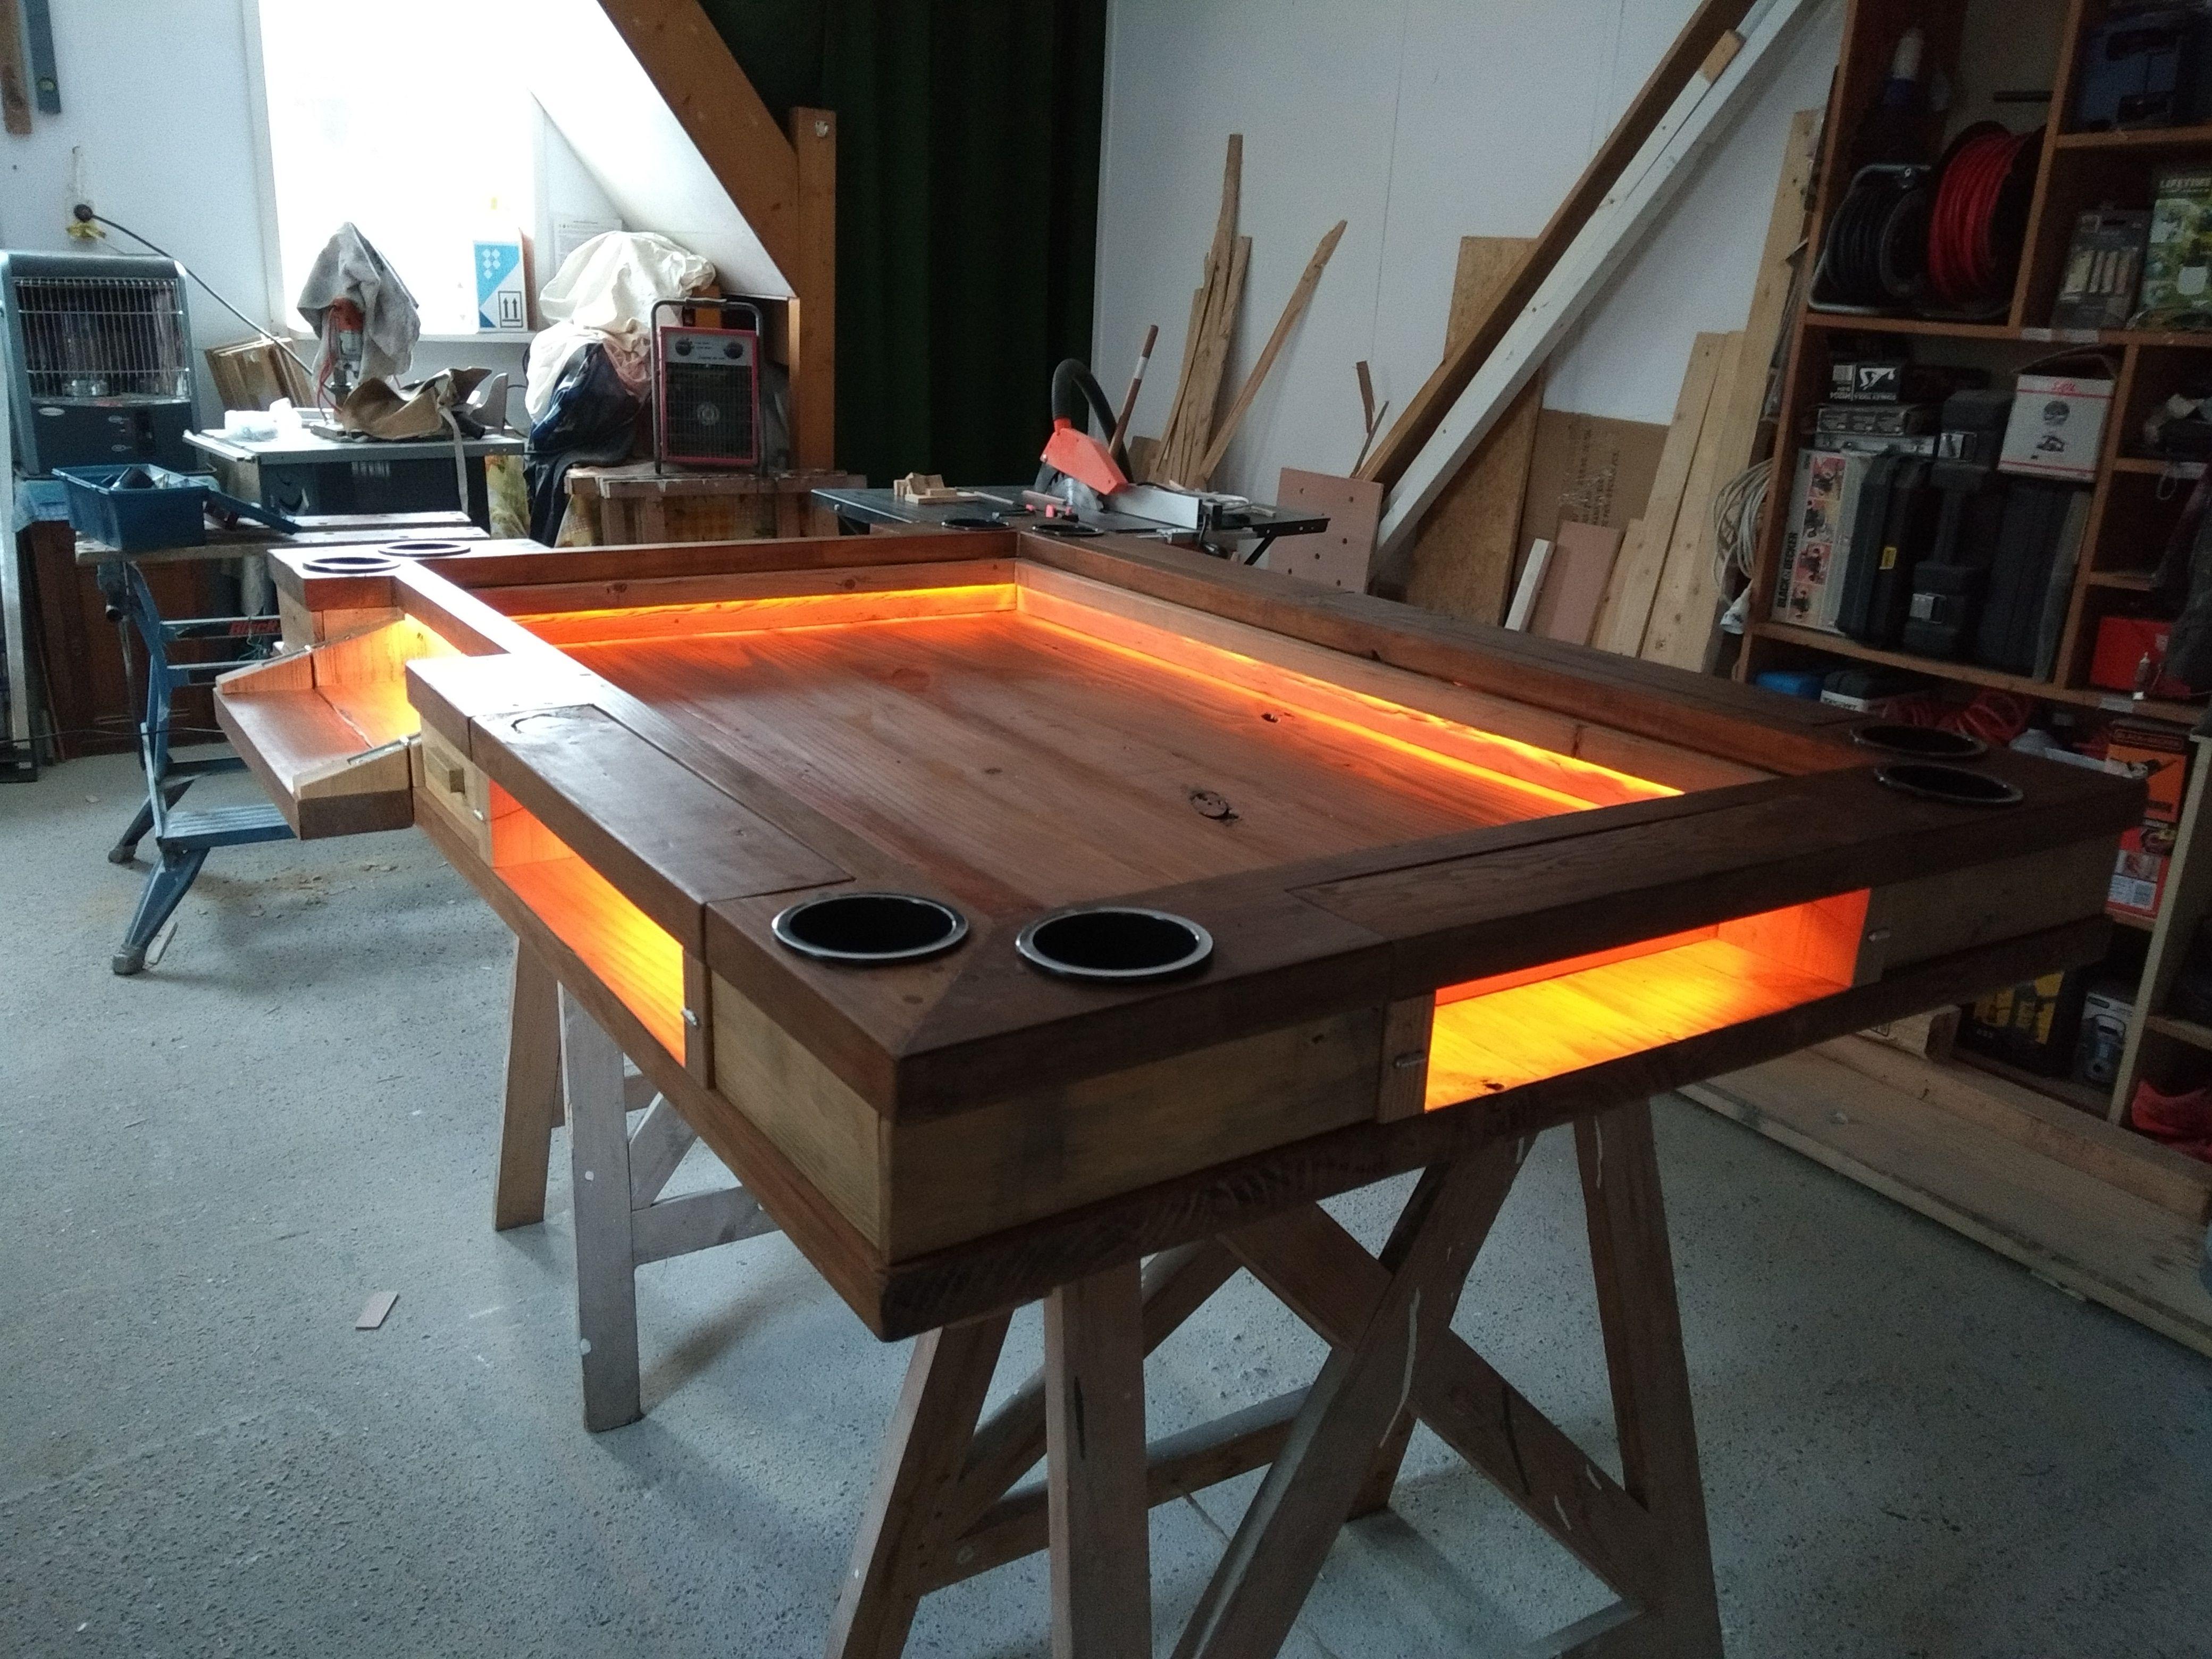 Game-tafel met led-verlichting, bekerhouders en uitklapbare ...